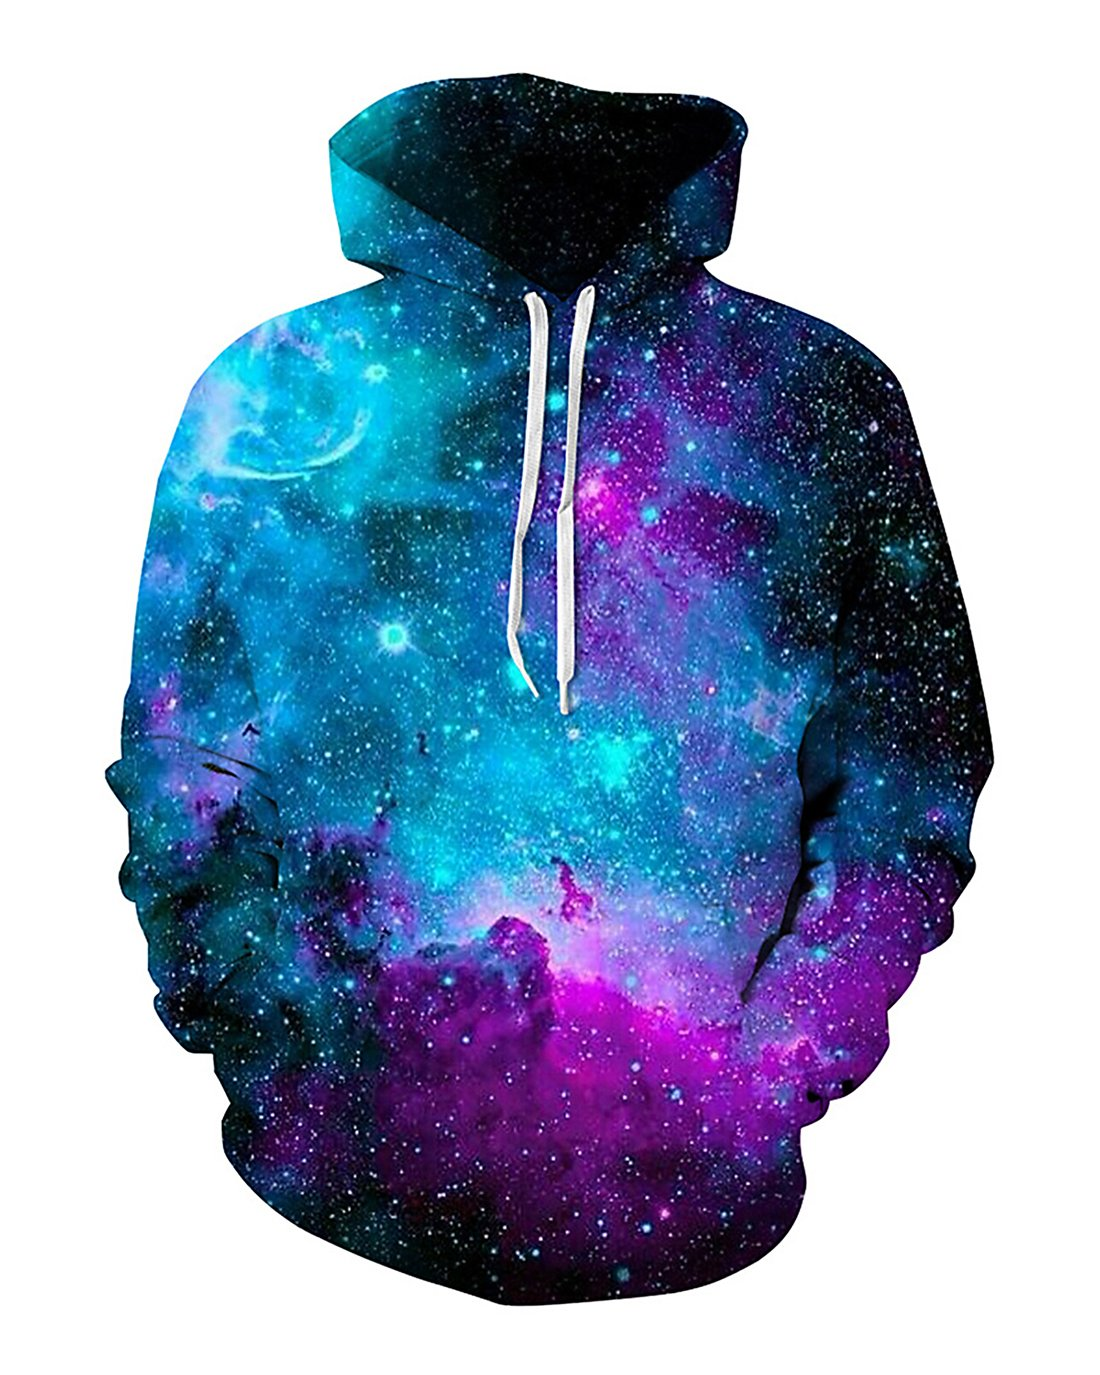 Unisex 3d Digital Pullover Sweatshirt Printed Hoodies Funny Hooded Sweatshirt Pockets